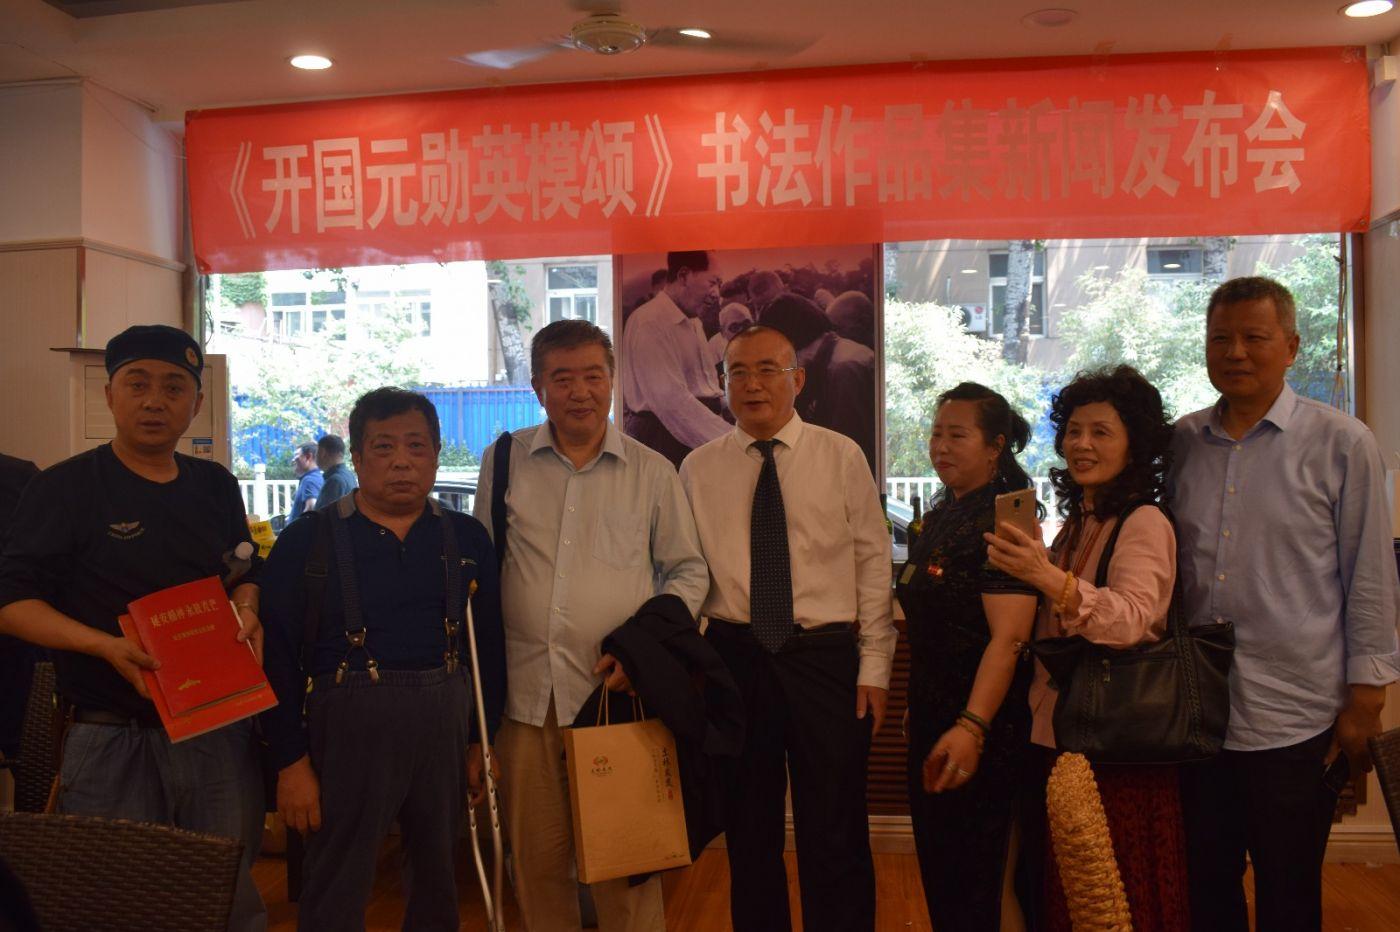 《开国元勋英模颂》书法作品集新闻发布会在京举行_图1-6